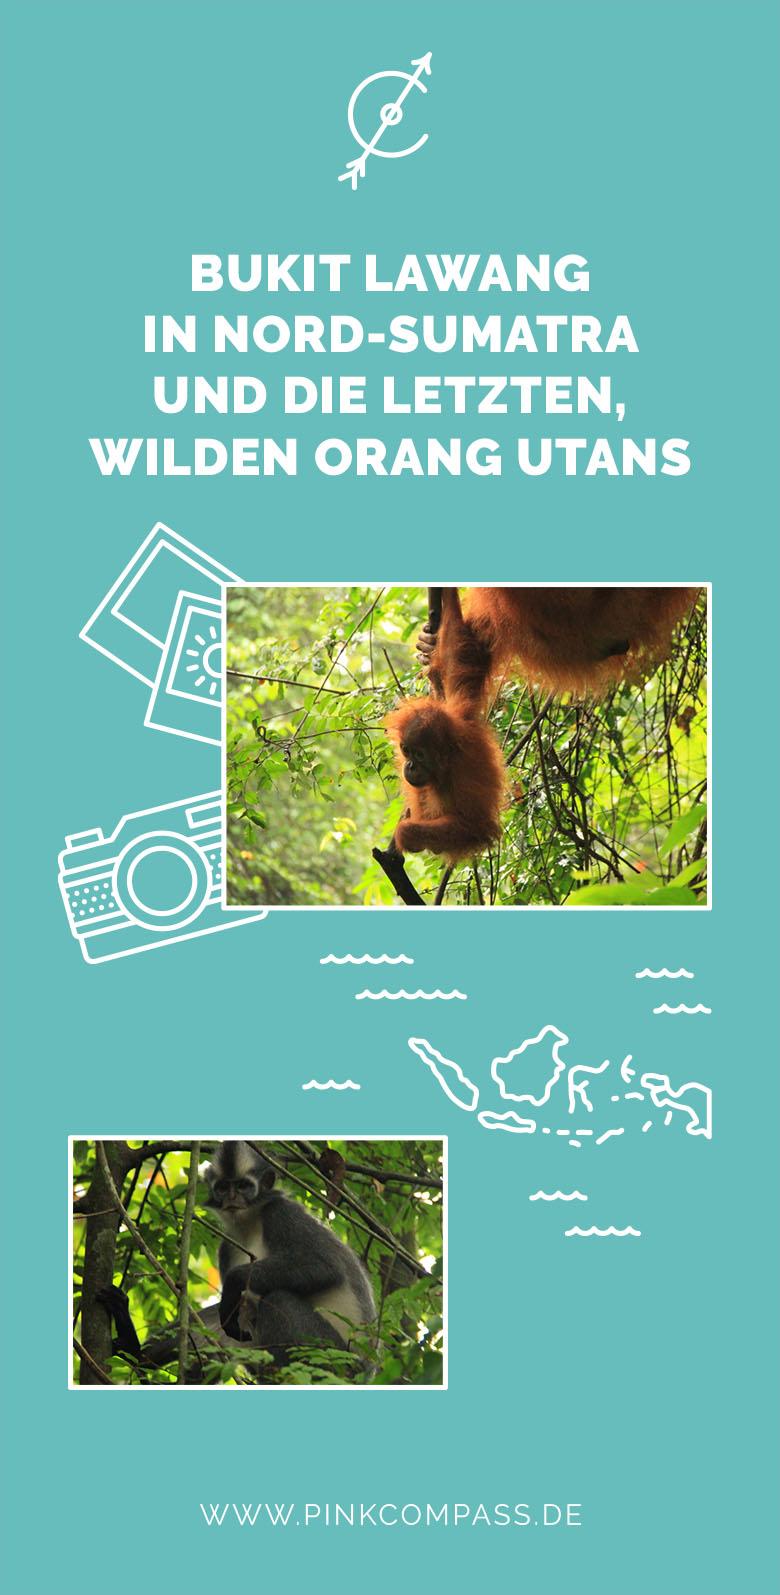 Meine Reise nach Bukit Lawang in Nord-Sumatra